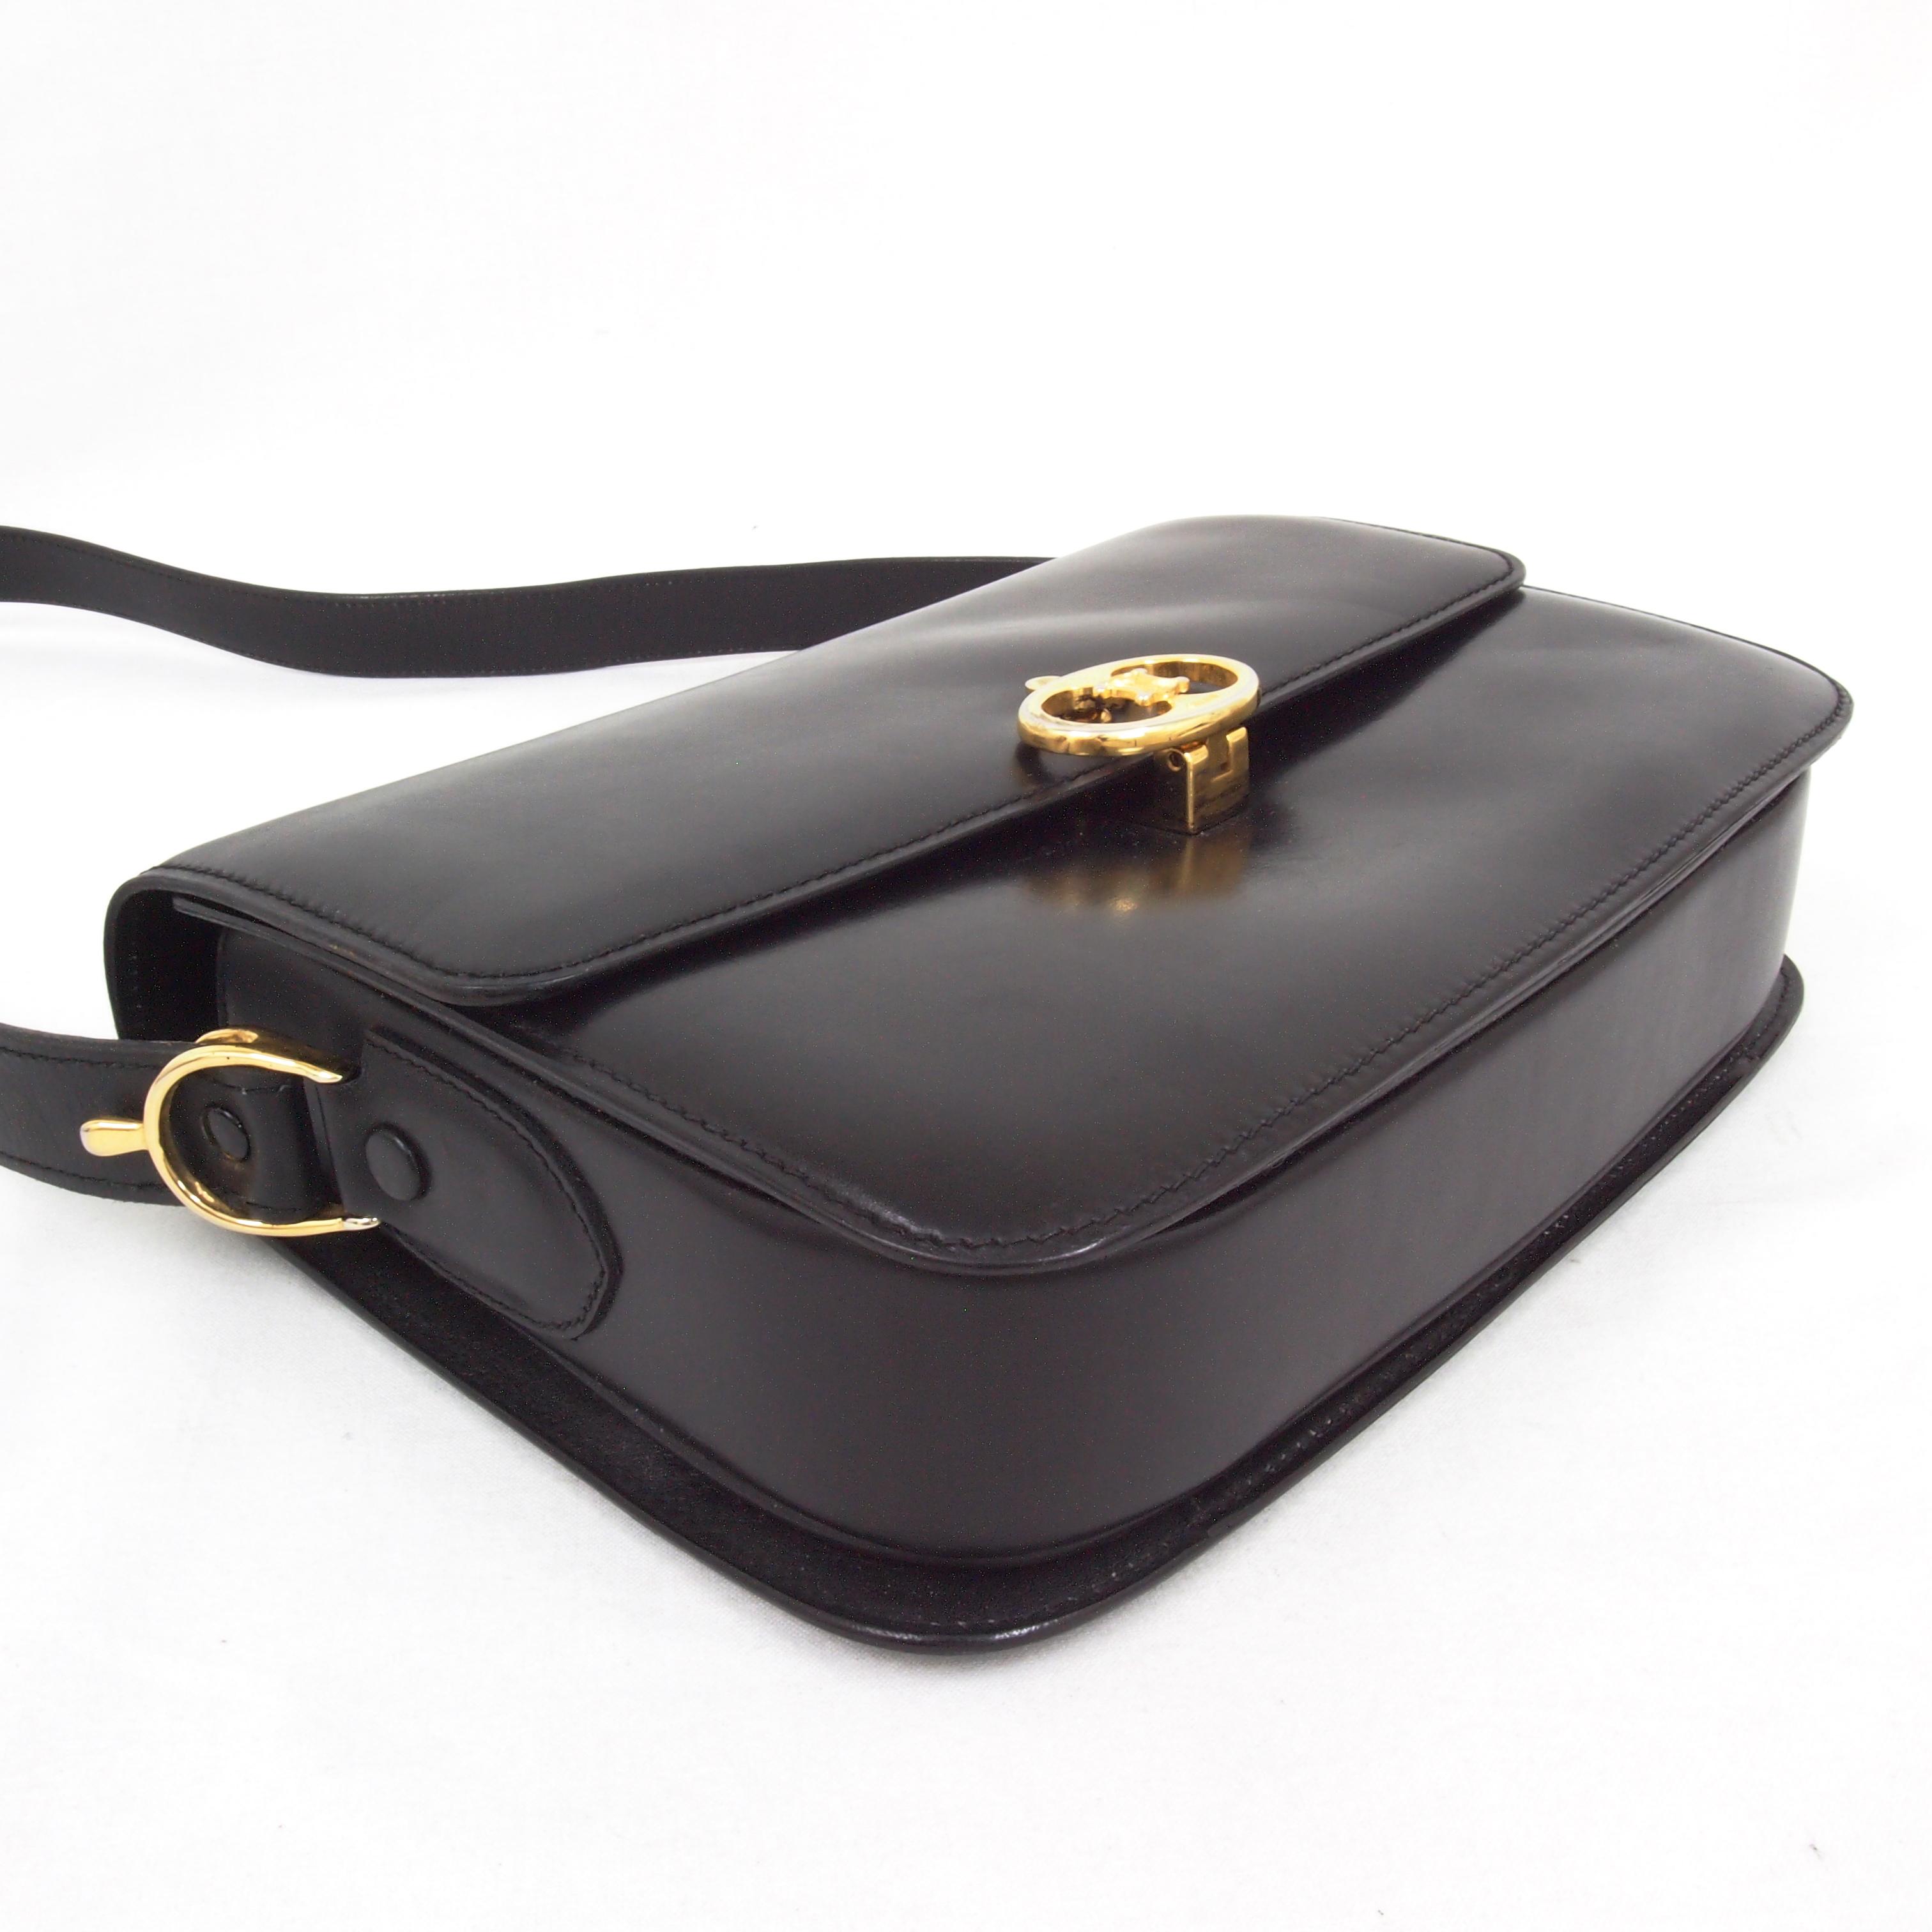 Celine Handbag Vintage Shoulder Bag Celine Luggage Mini Bag